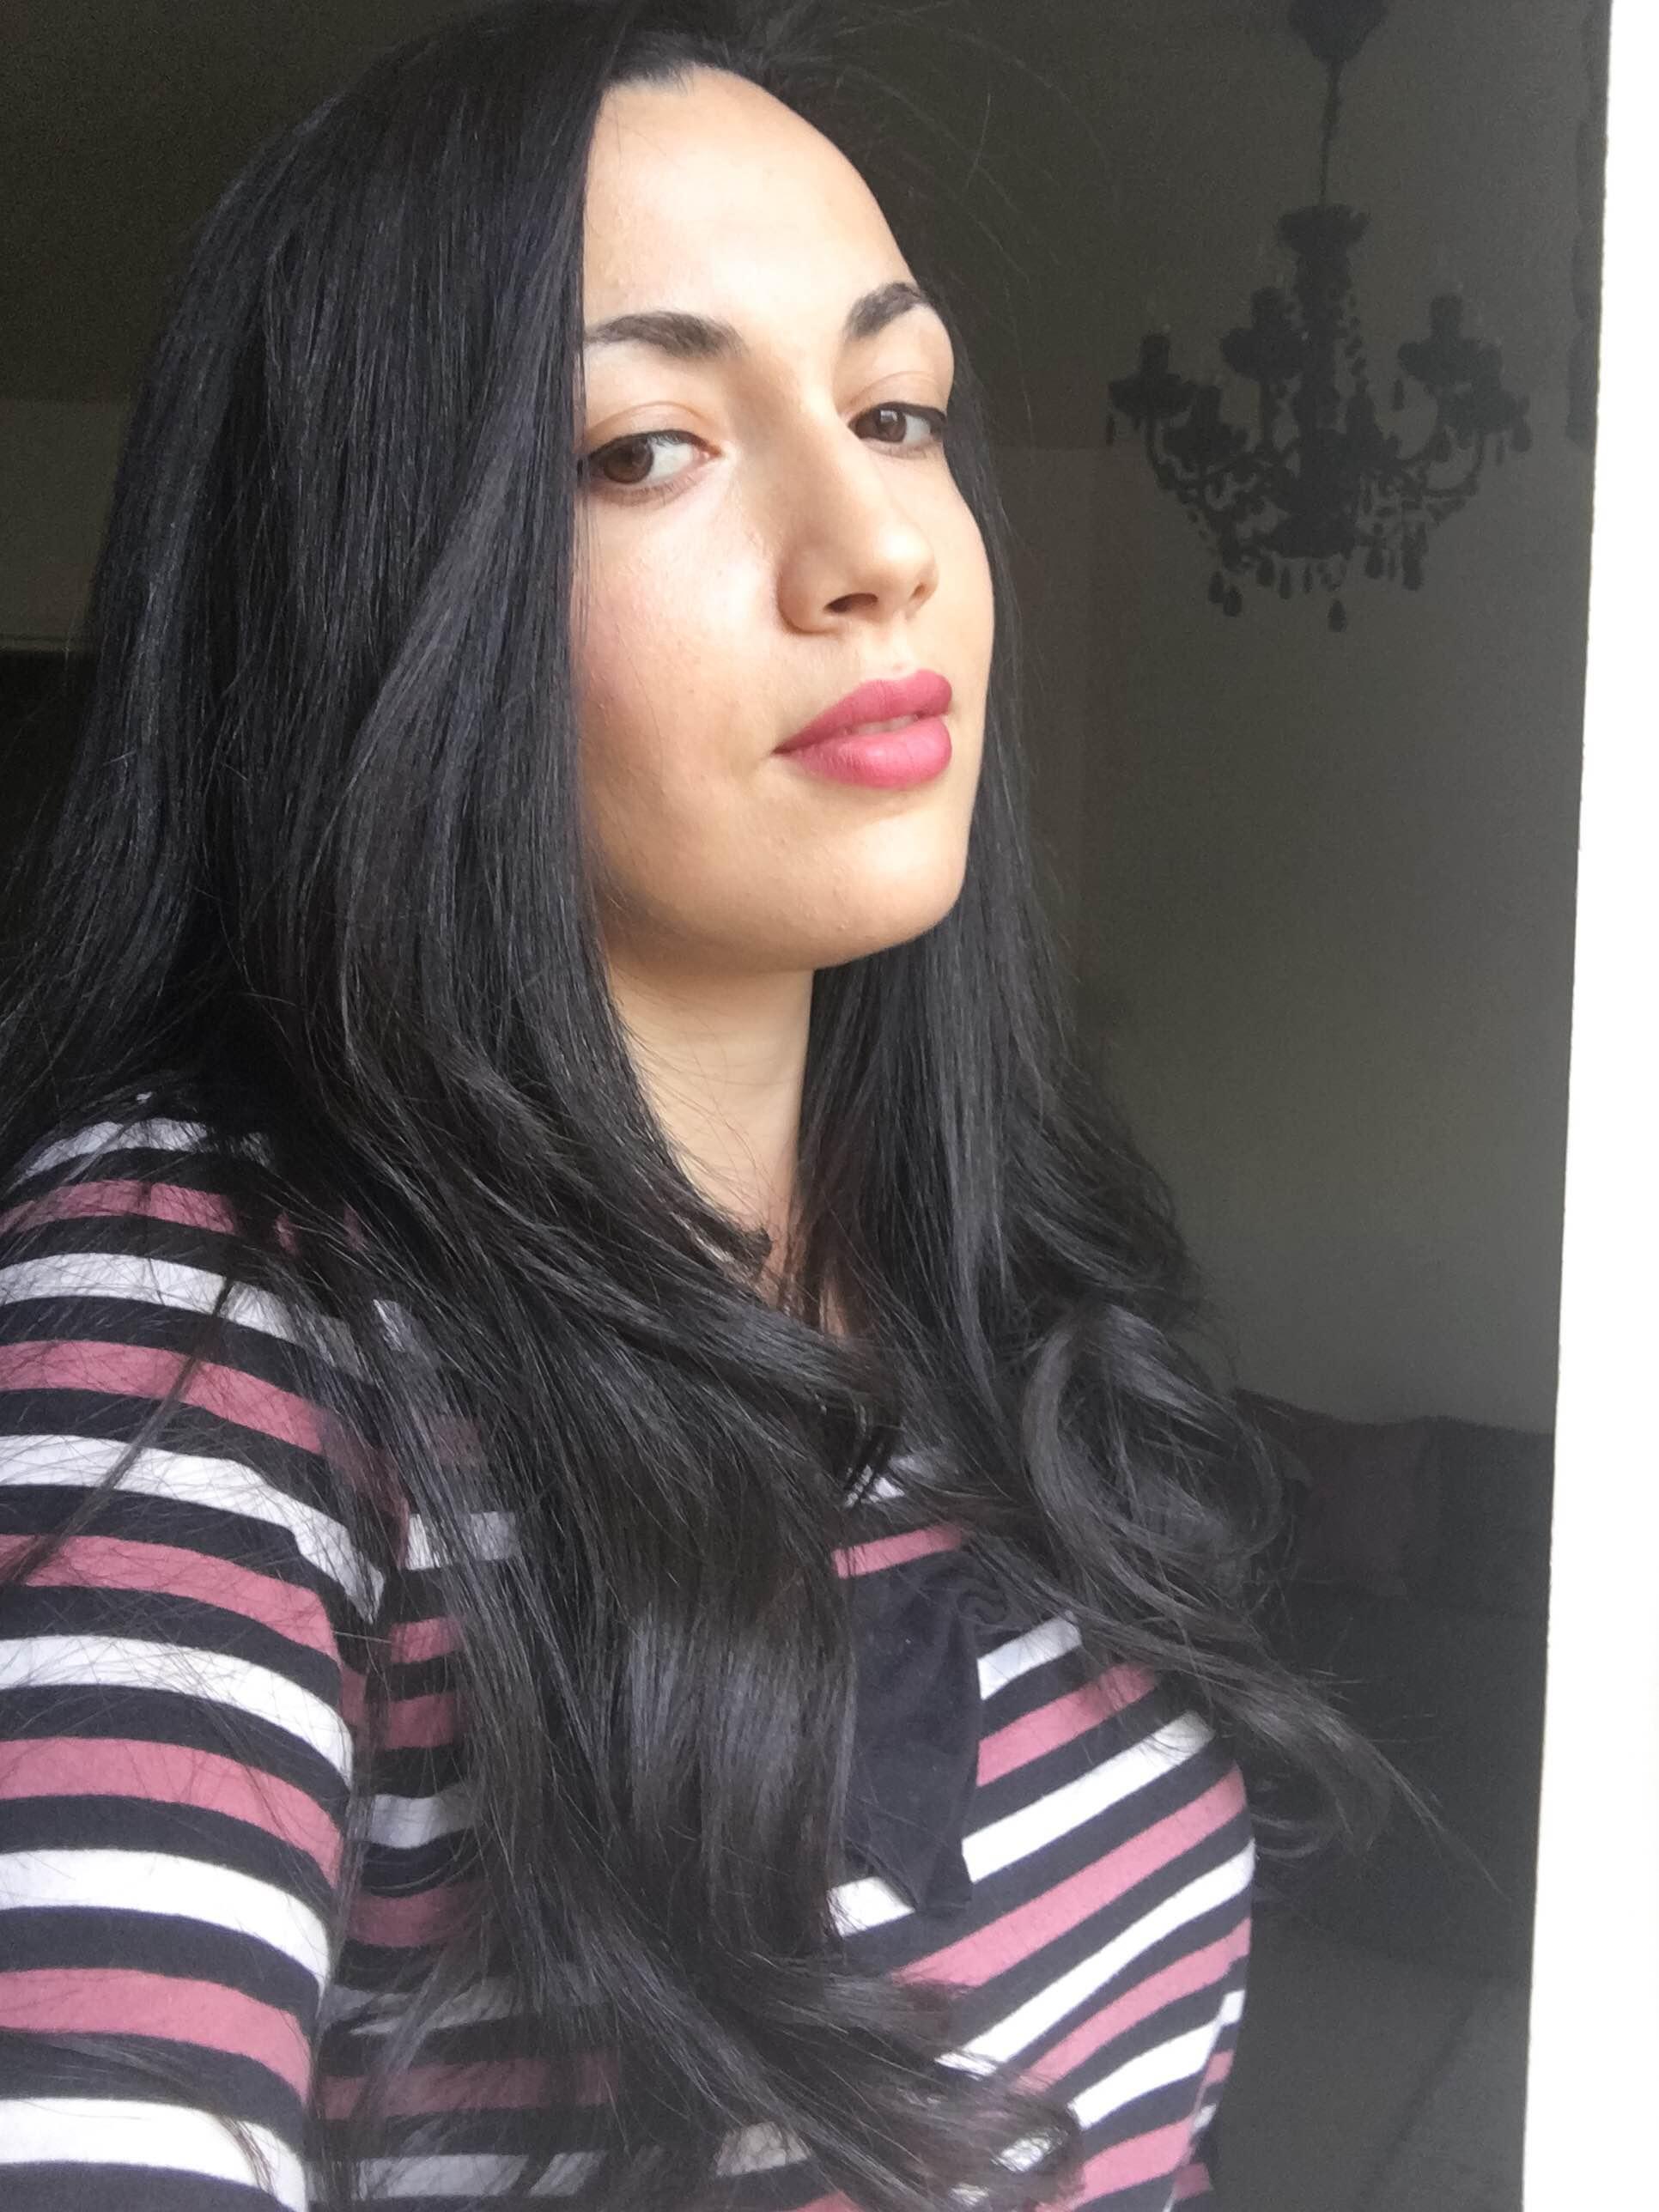 Tutoriel coiffure vidéo – Cheveux ondulés comme Gisèle